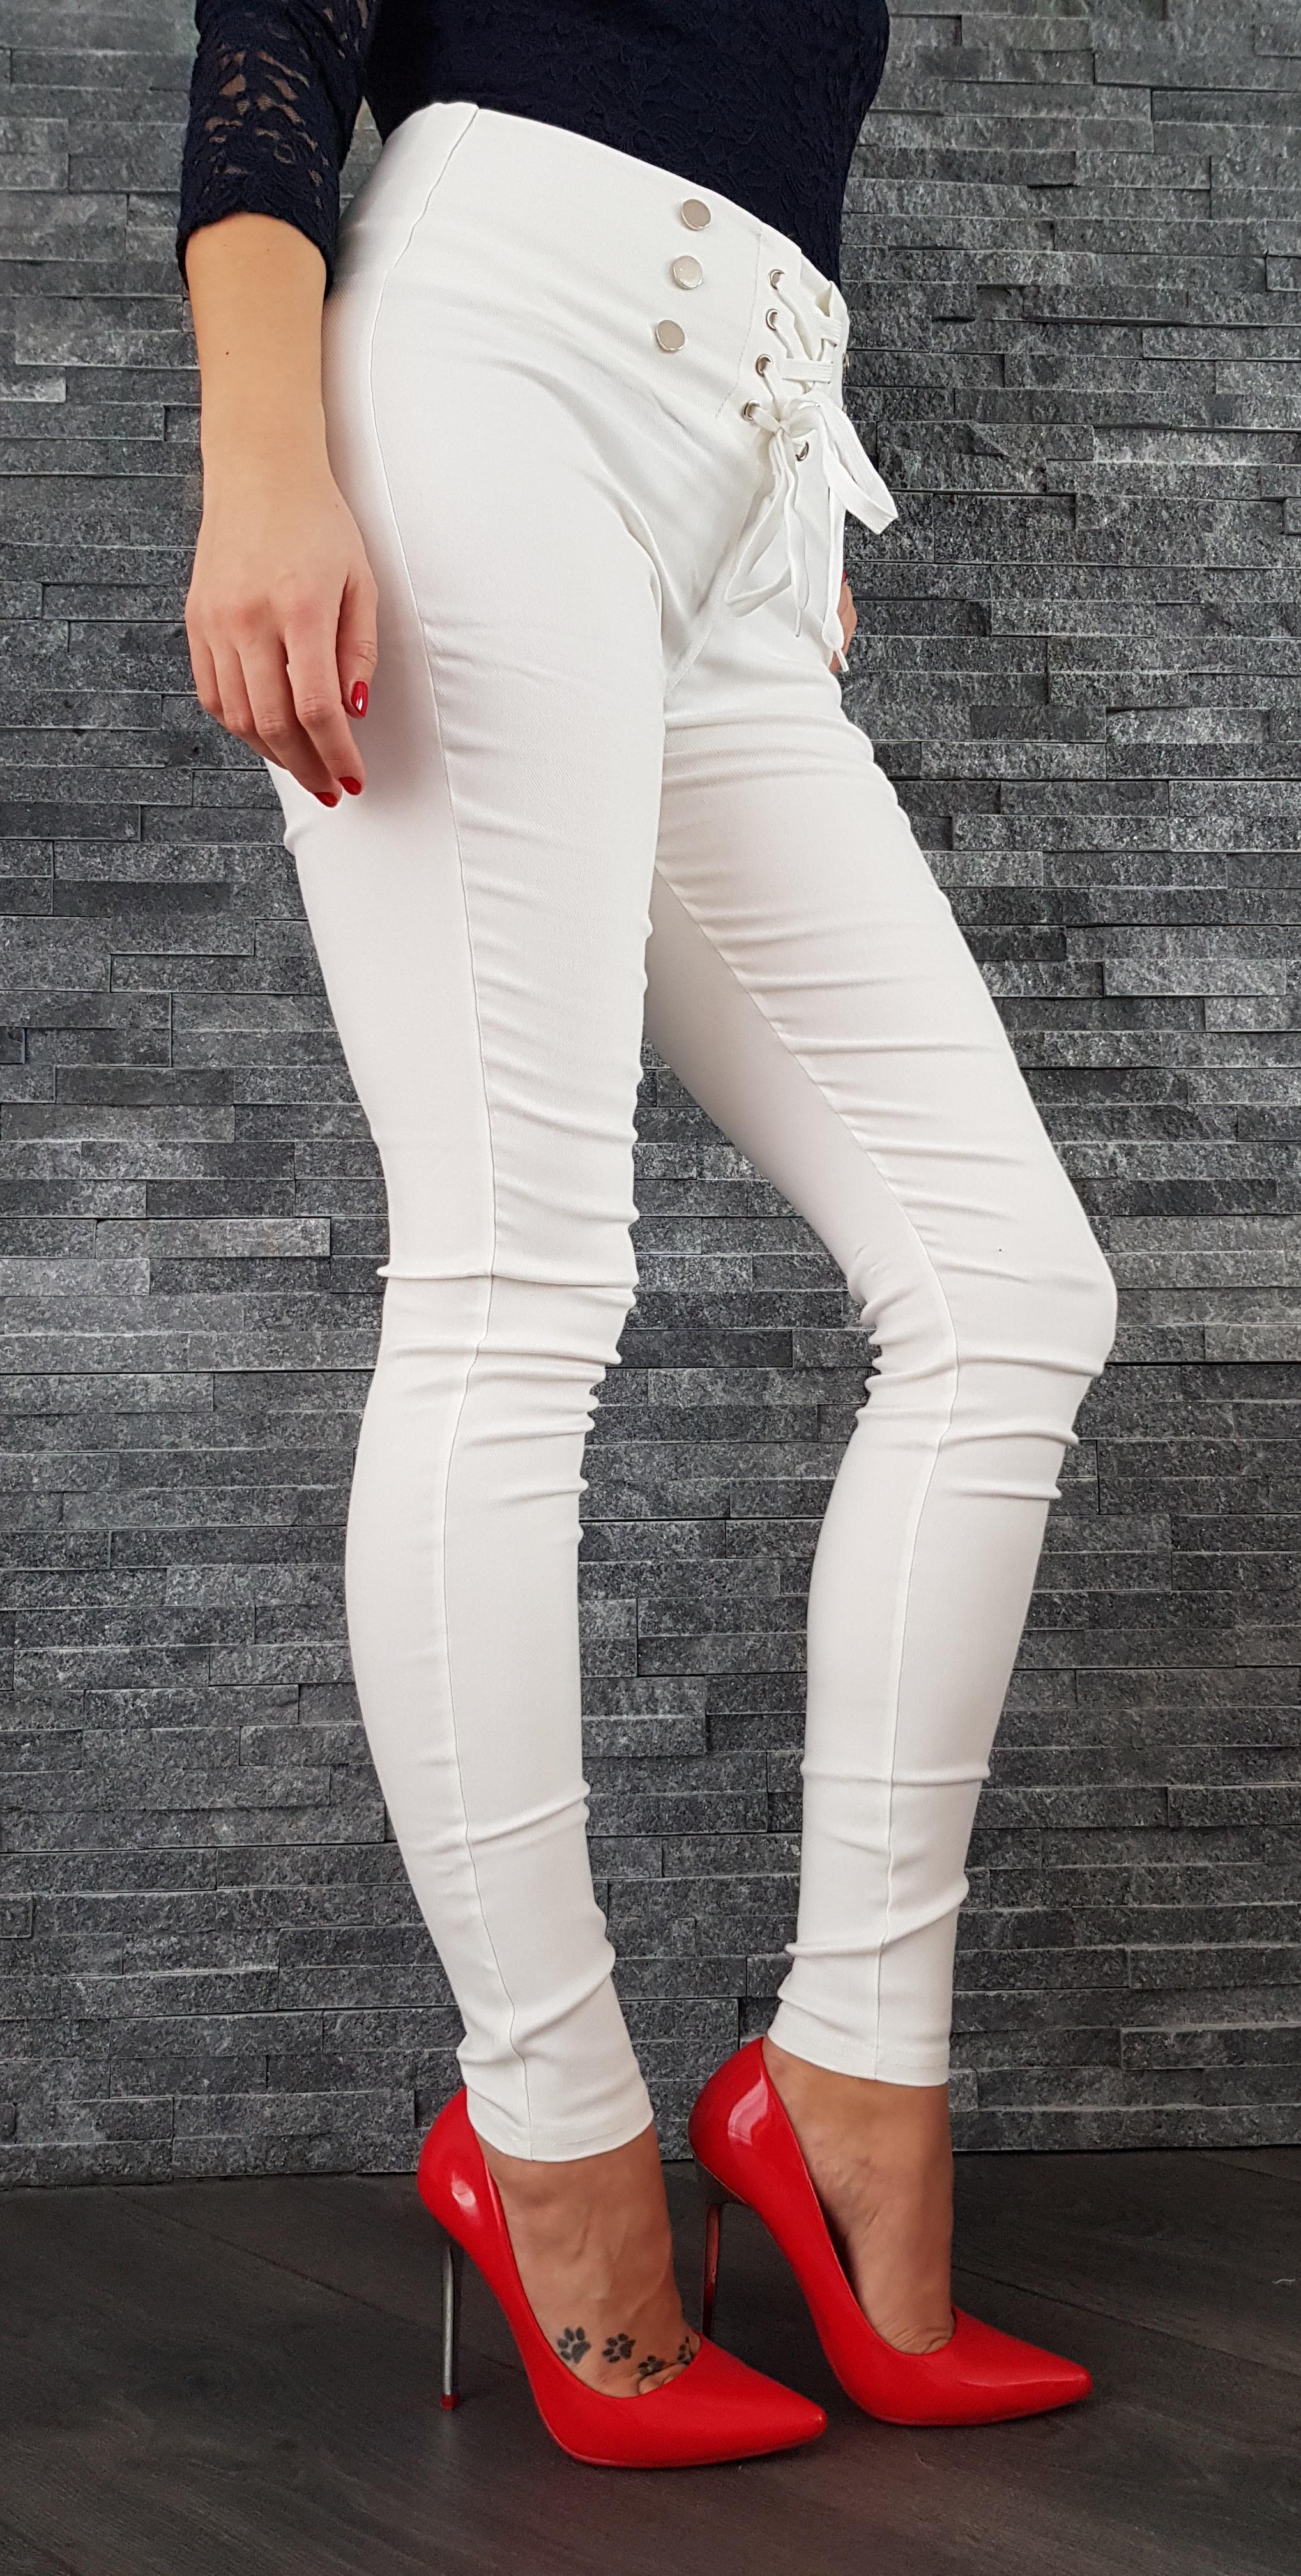 b789a8bc5f48 Biele elastické nohavice s vysokým pásom